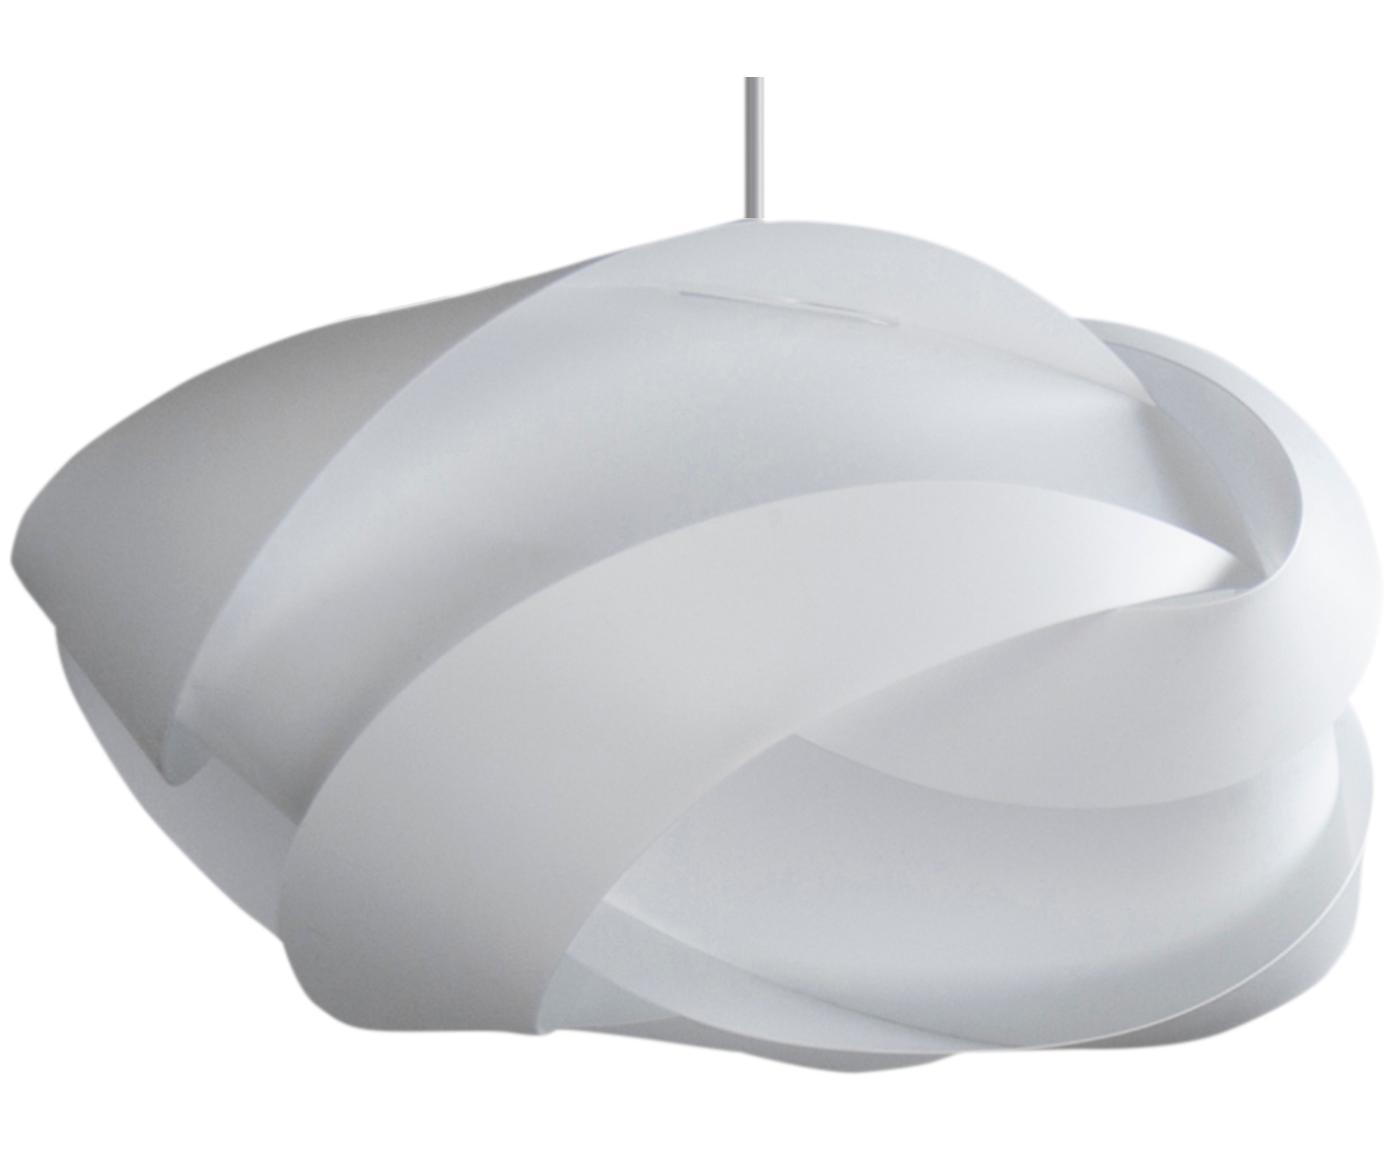 Lámpara de techo Ribbon, Pantalla: polipropileno, policarbon, Anclaje: plástico, Cable: cubierto en tela, Blanco, Ø 33 x Al 19 cm